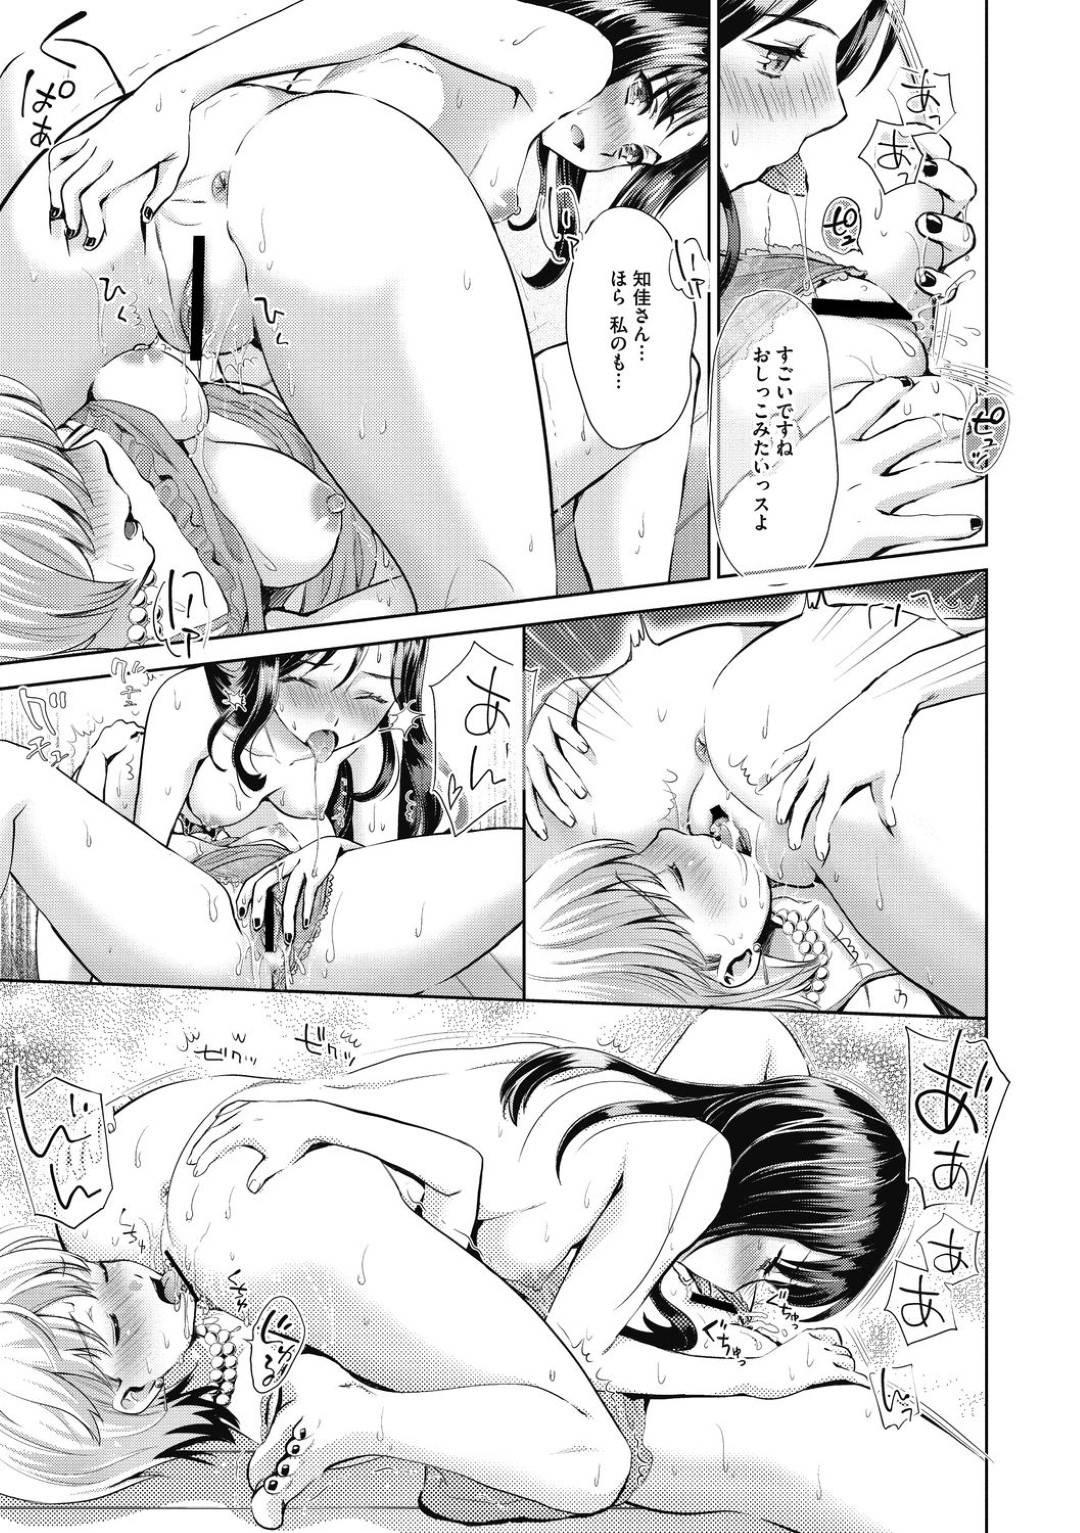 【エロ漫画】大学卒業して百合の恋人との将来に不安を感じているJD…恋人が院試受かったことを他の人から知ってショックで家に向かい押し倒してしまう!【櫻井ミナミ、うめ丸】